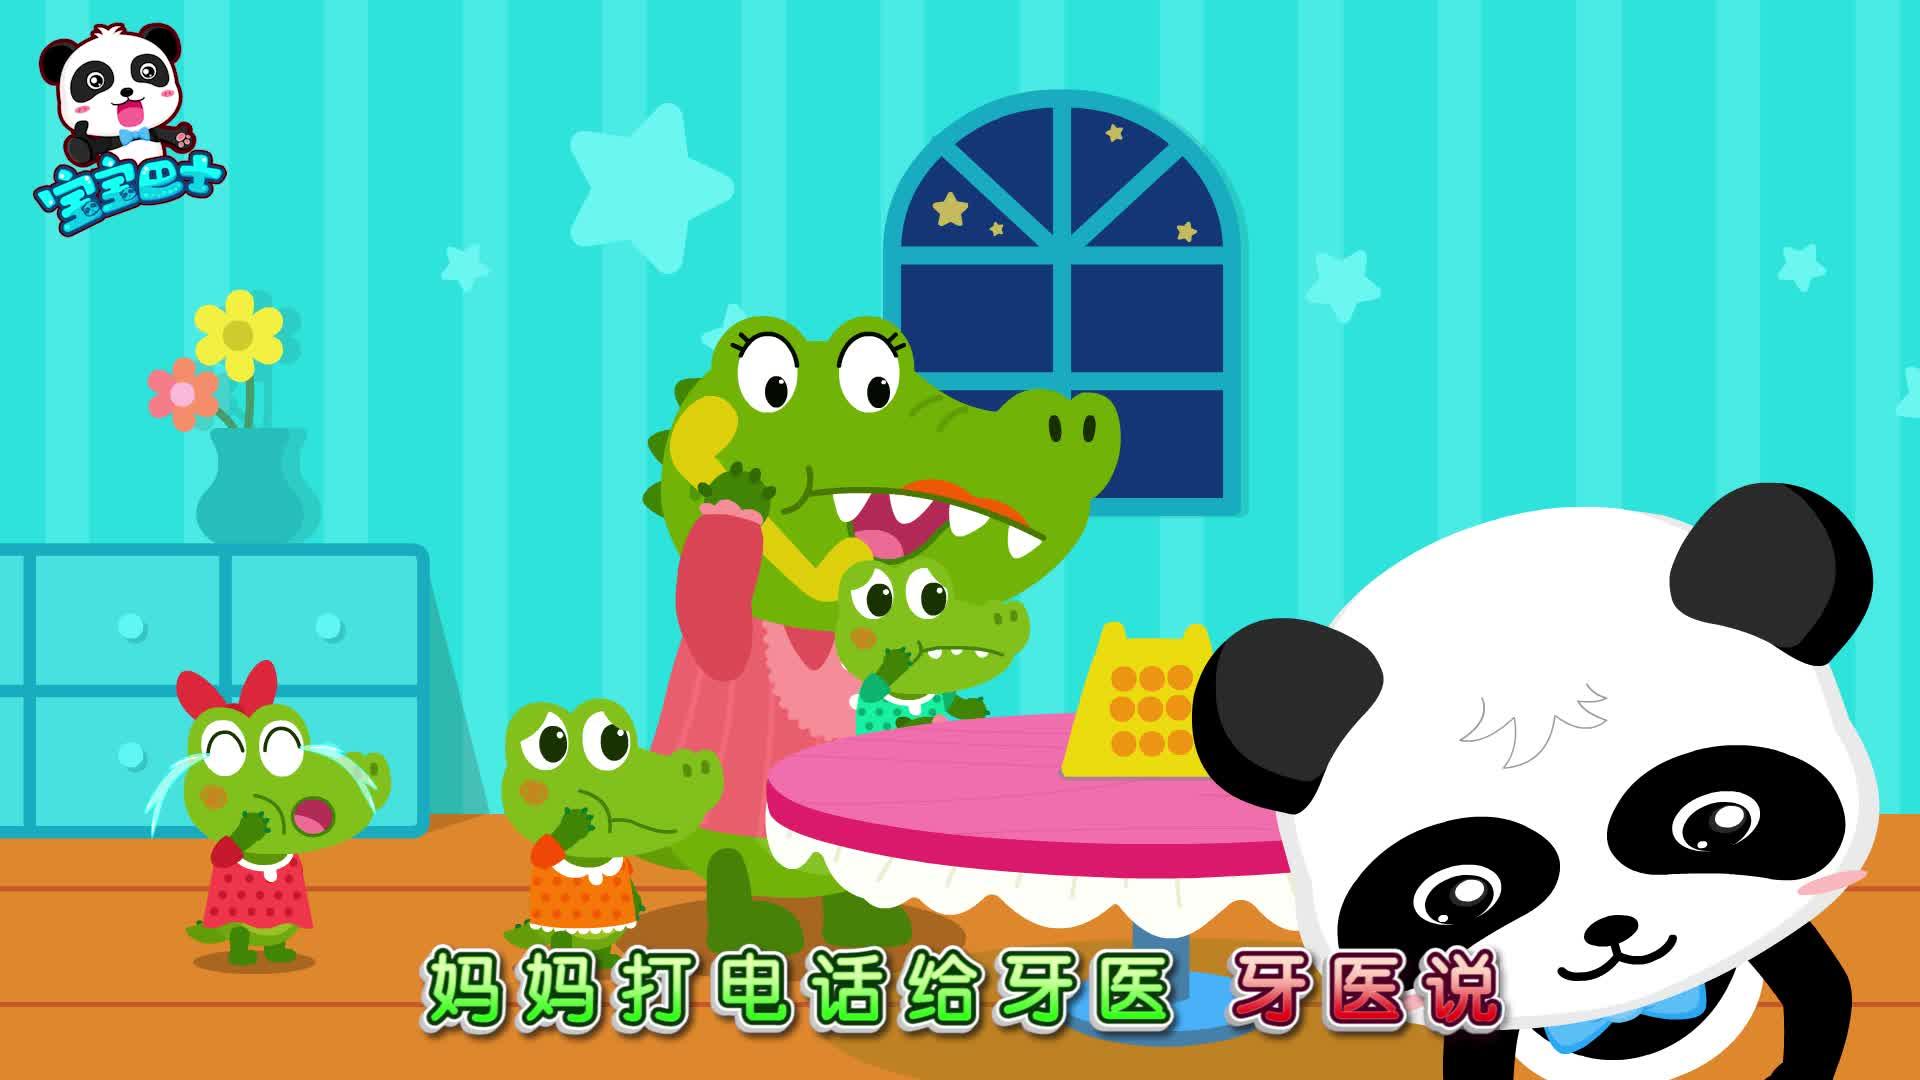 宝宝巴士启蒙音乐剧之动物世界 第15集 五只鳄鱼爱吃棒棒糖-宝宝.